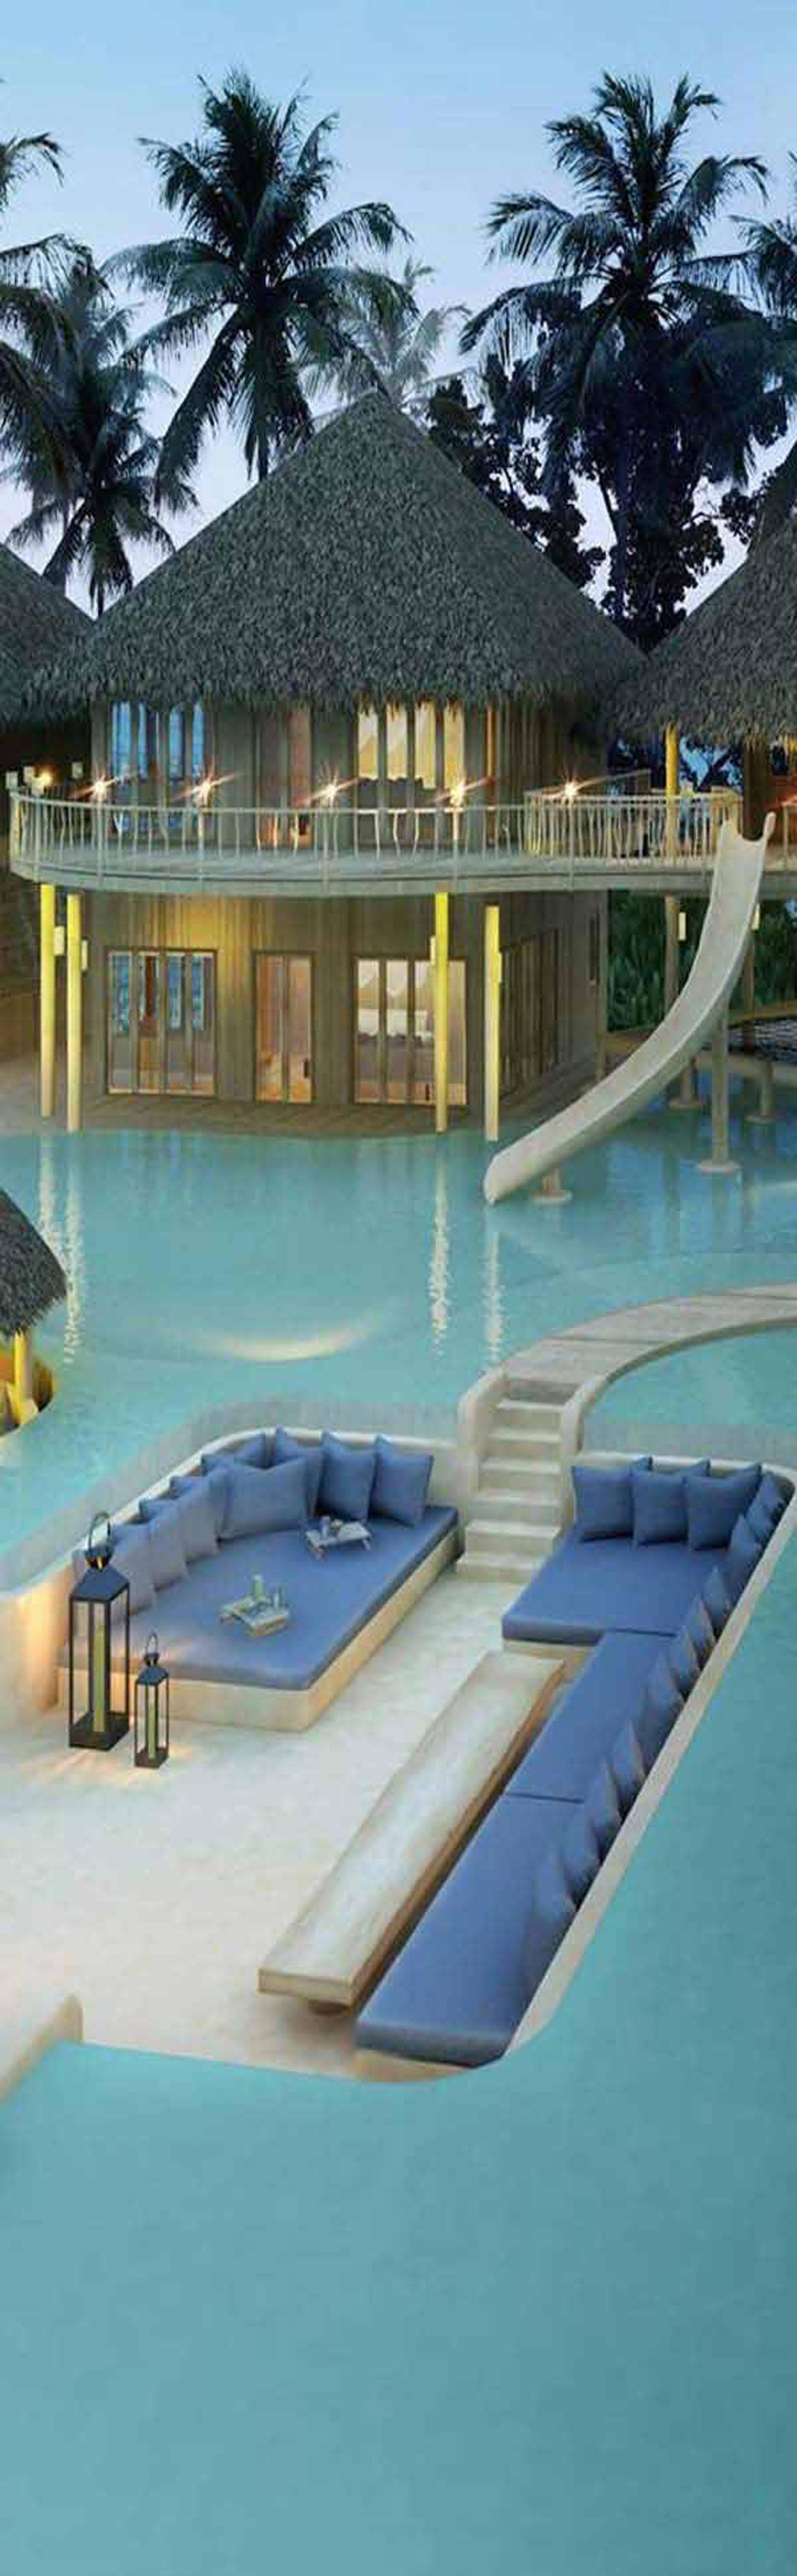 Wedo thiết kế phòng khách, phòng ngủ đẹp trong bể bơi